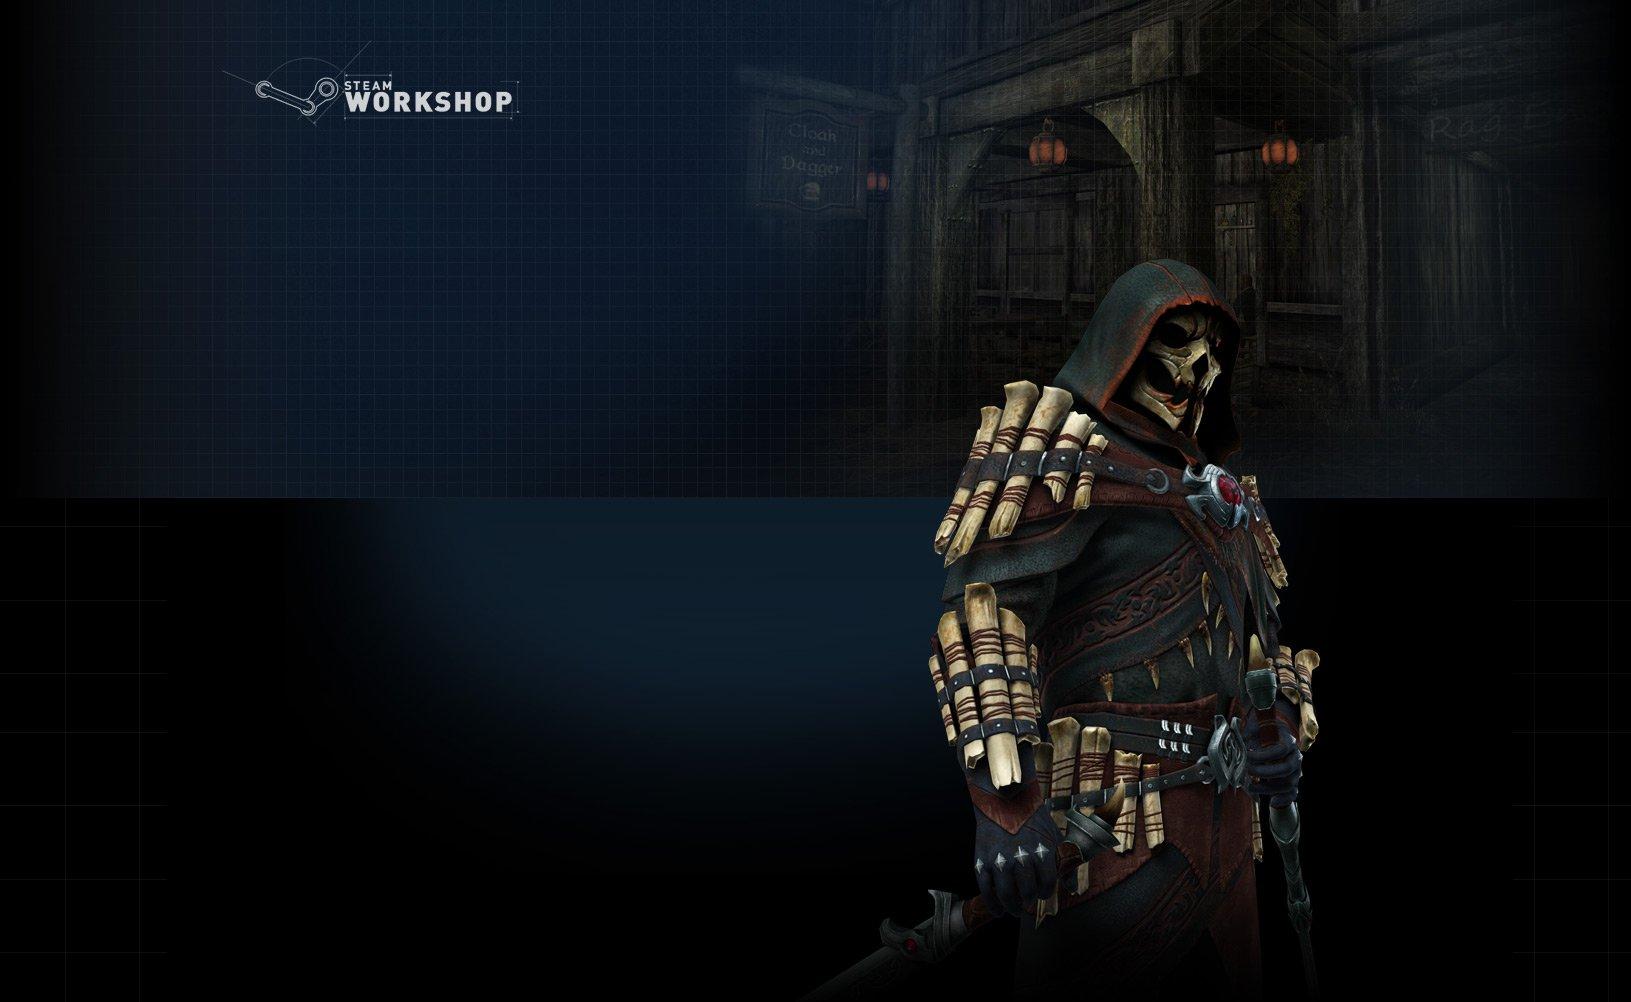 Valve открывает рынок модов на базе Steam Workshop - Изображение 1